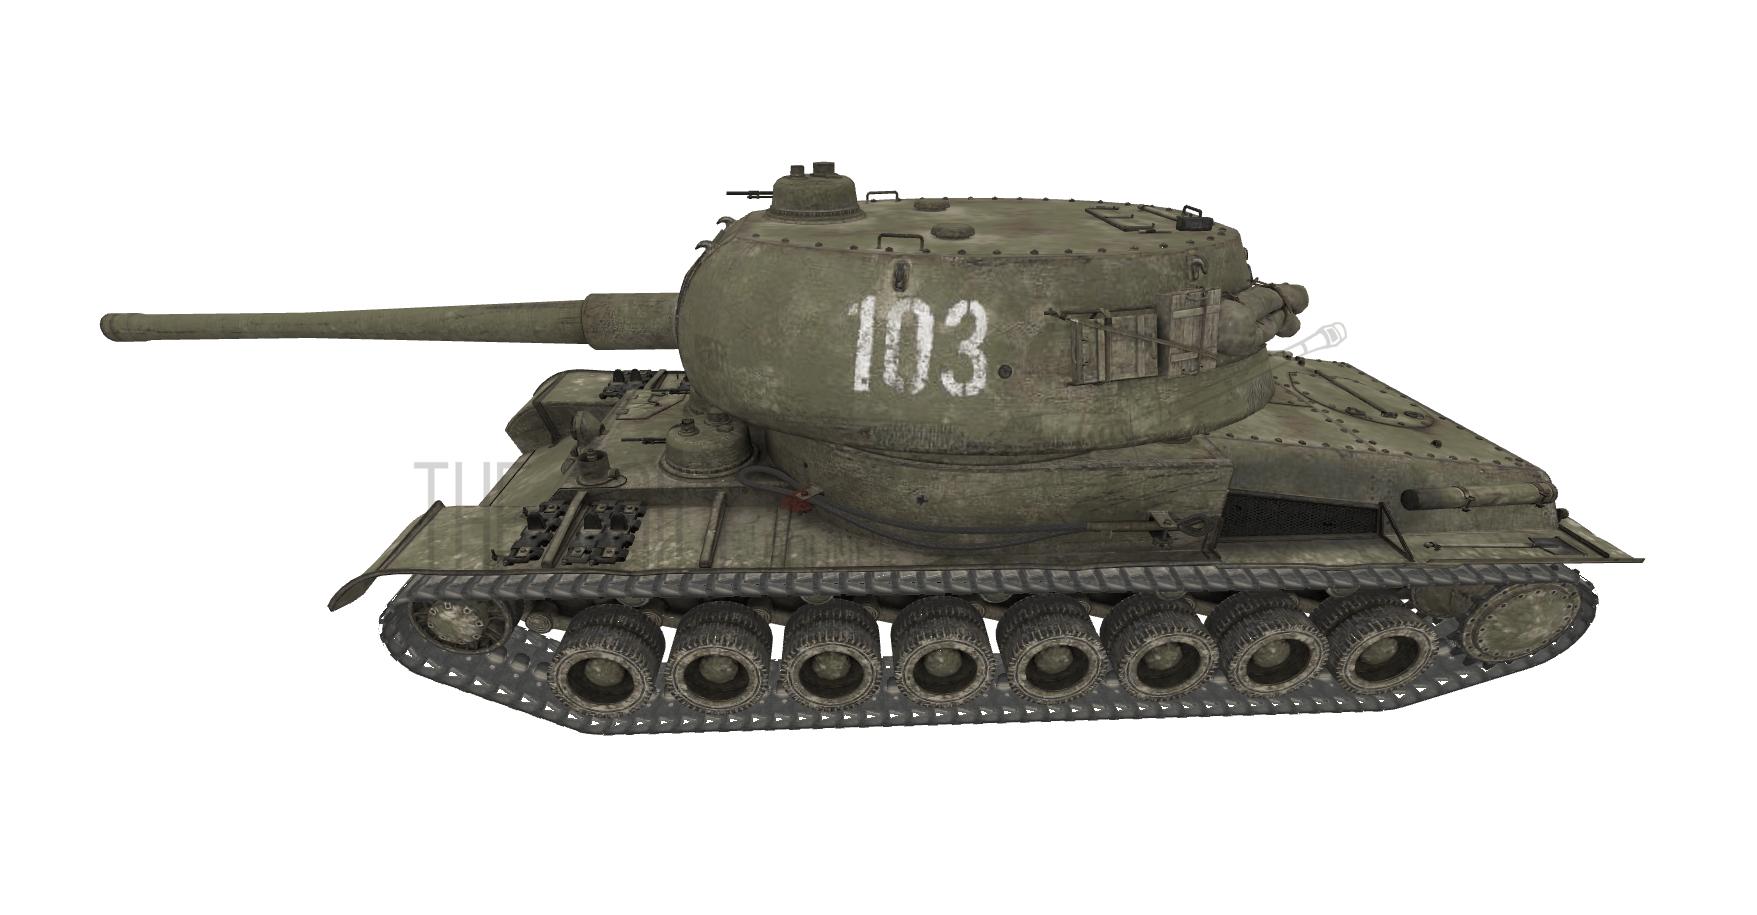 T-103-p2